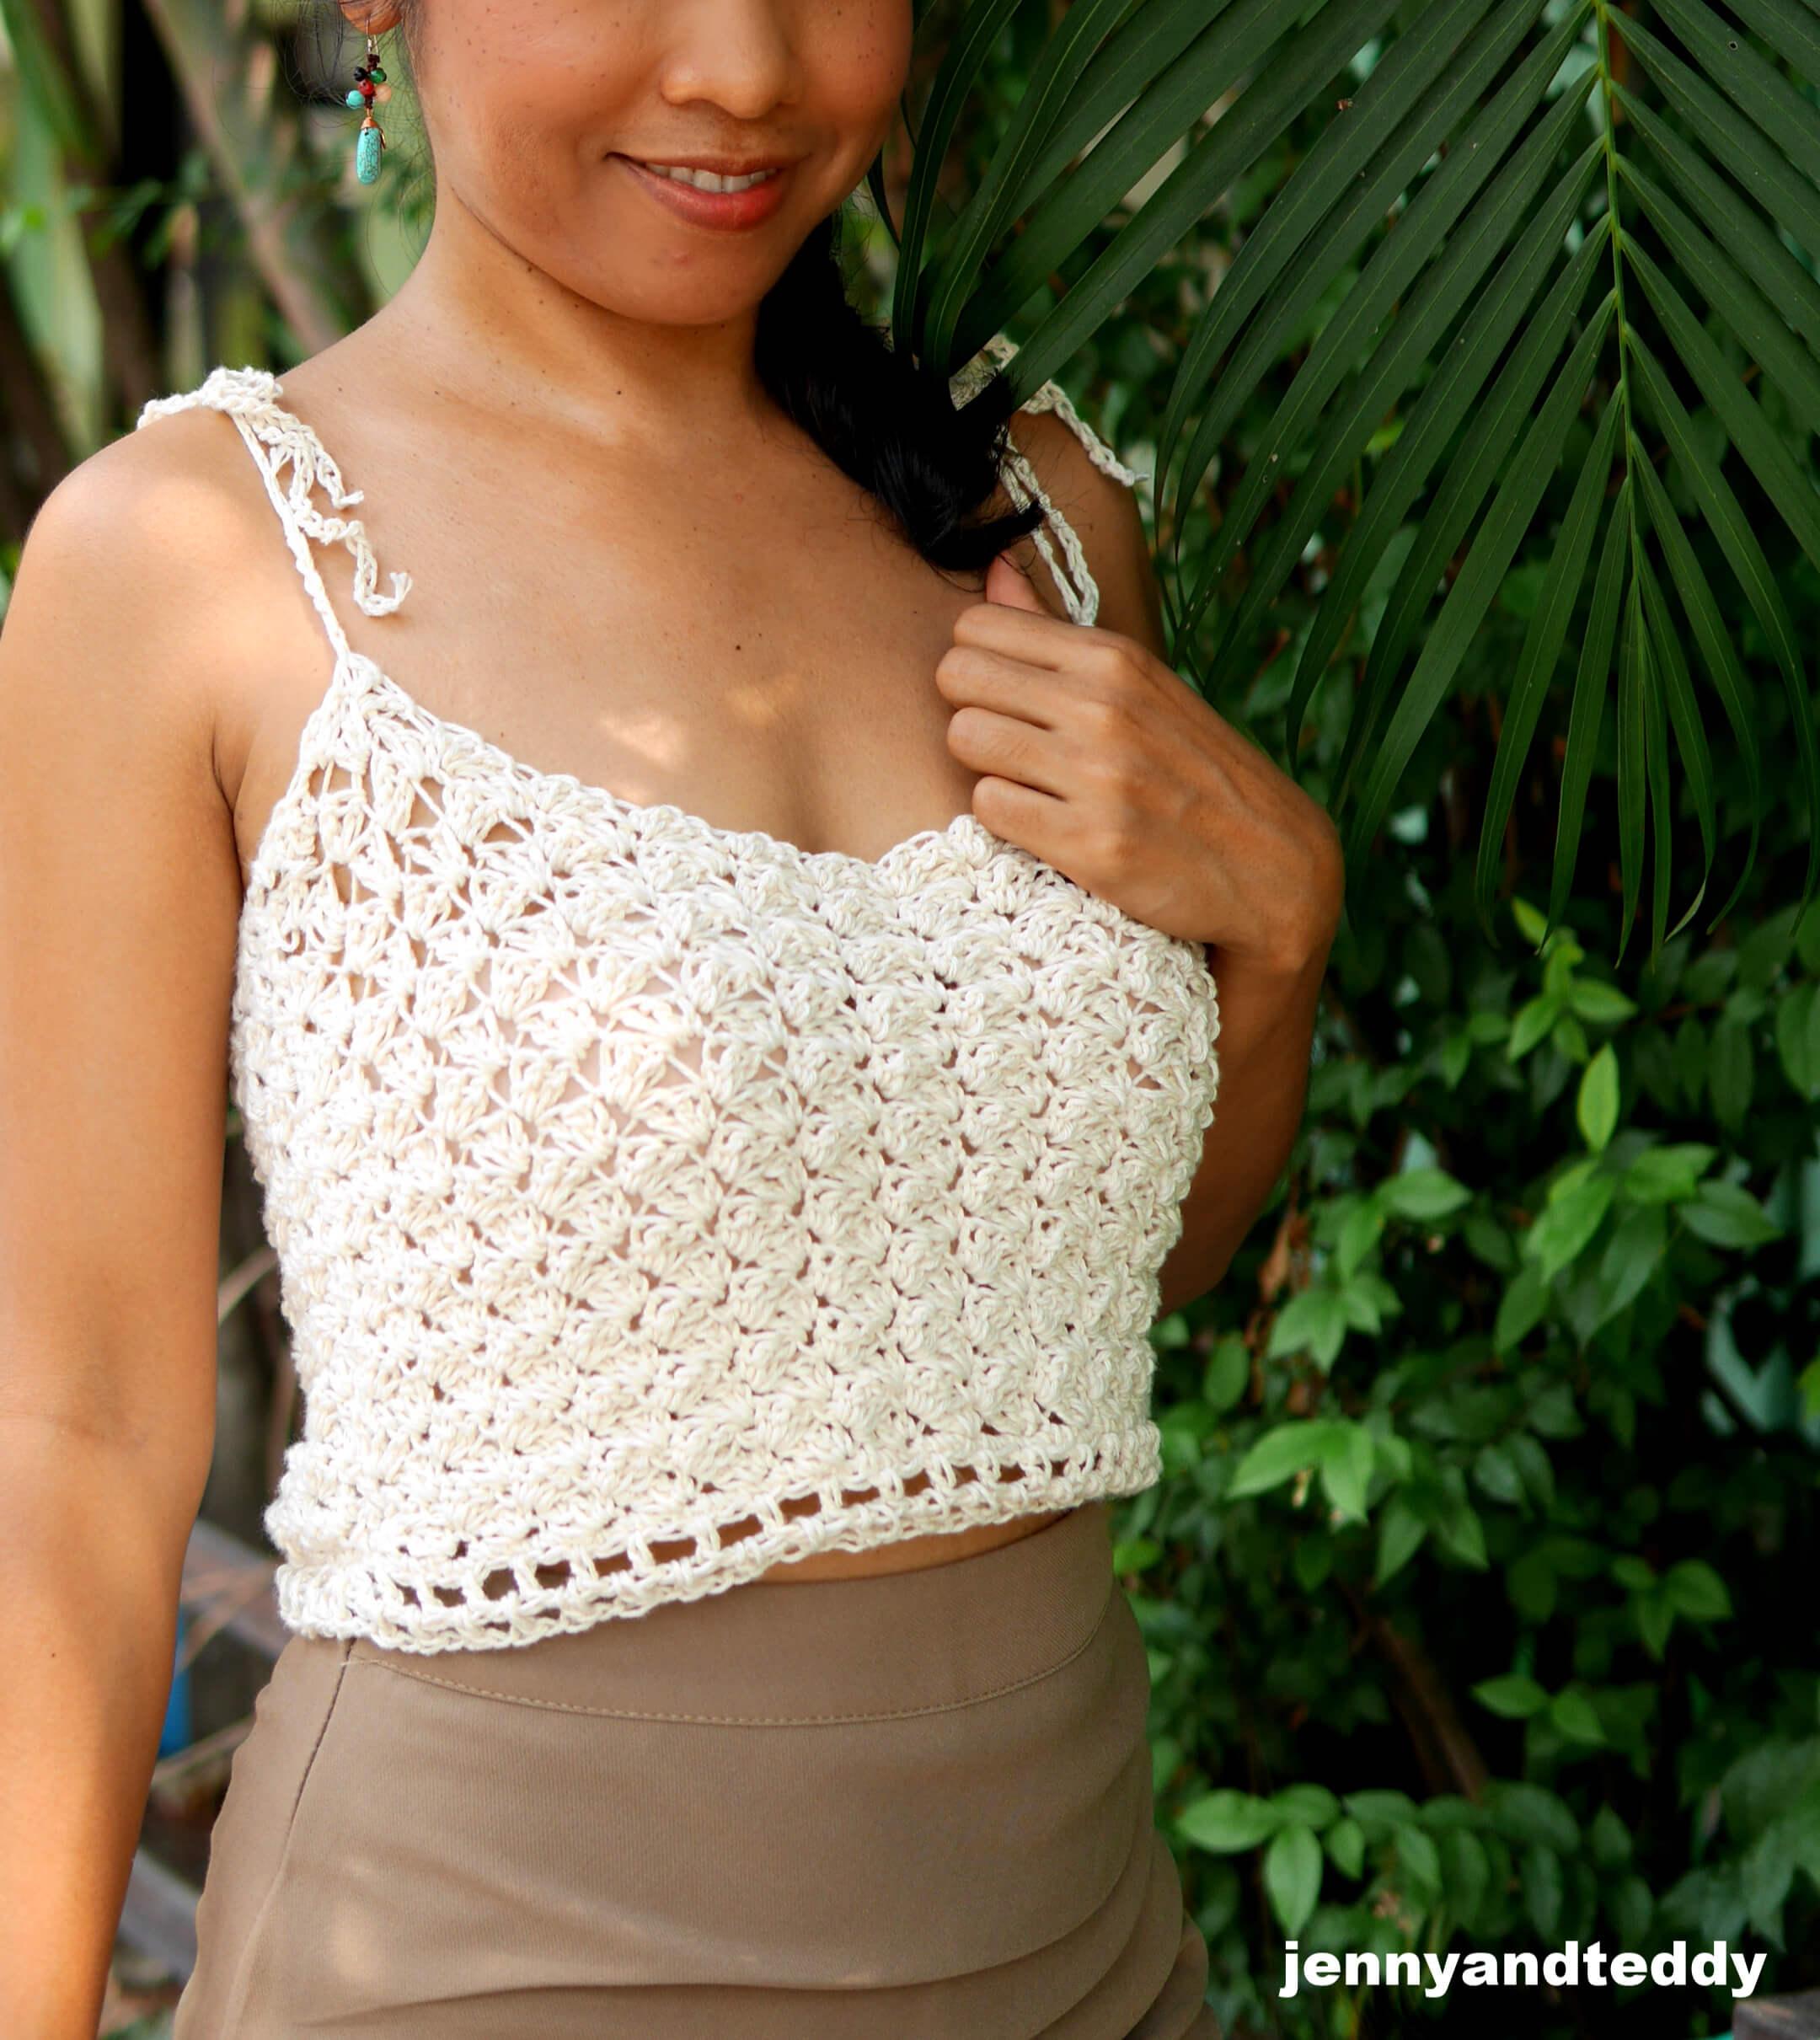 jasmine rice crop top crochet tutorial1